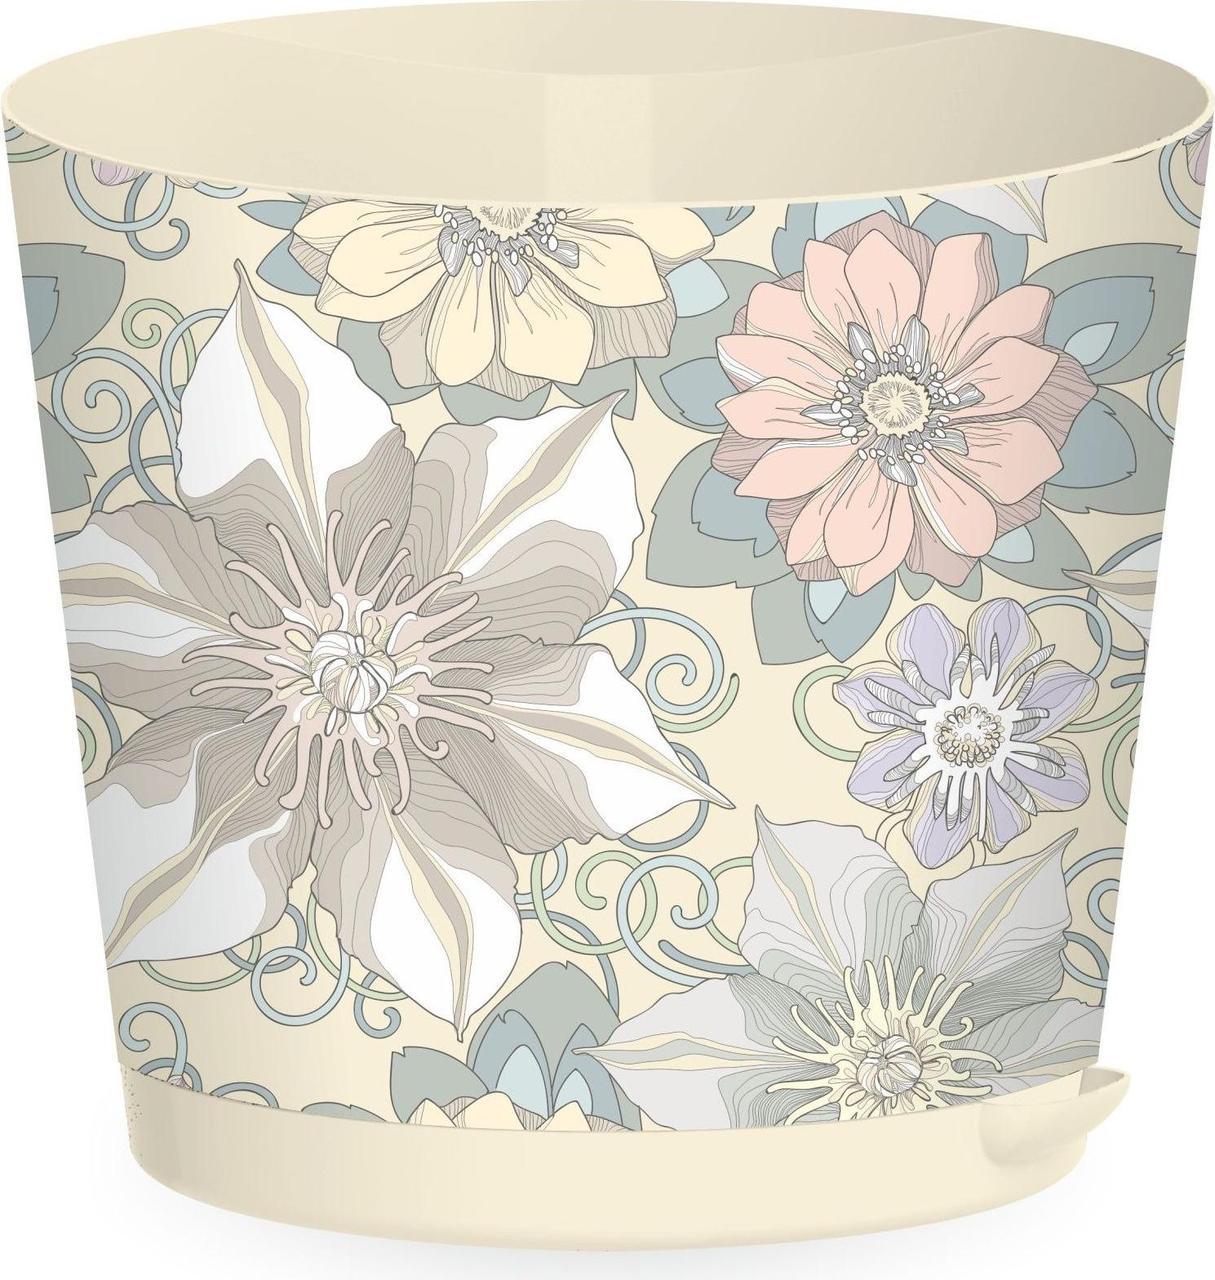 Горшок для цветов Easy Grow D 200 с прикорневым поливом 4 л Цветочный дом